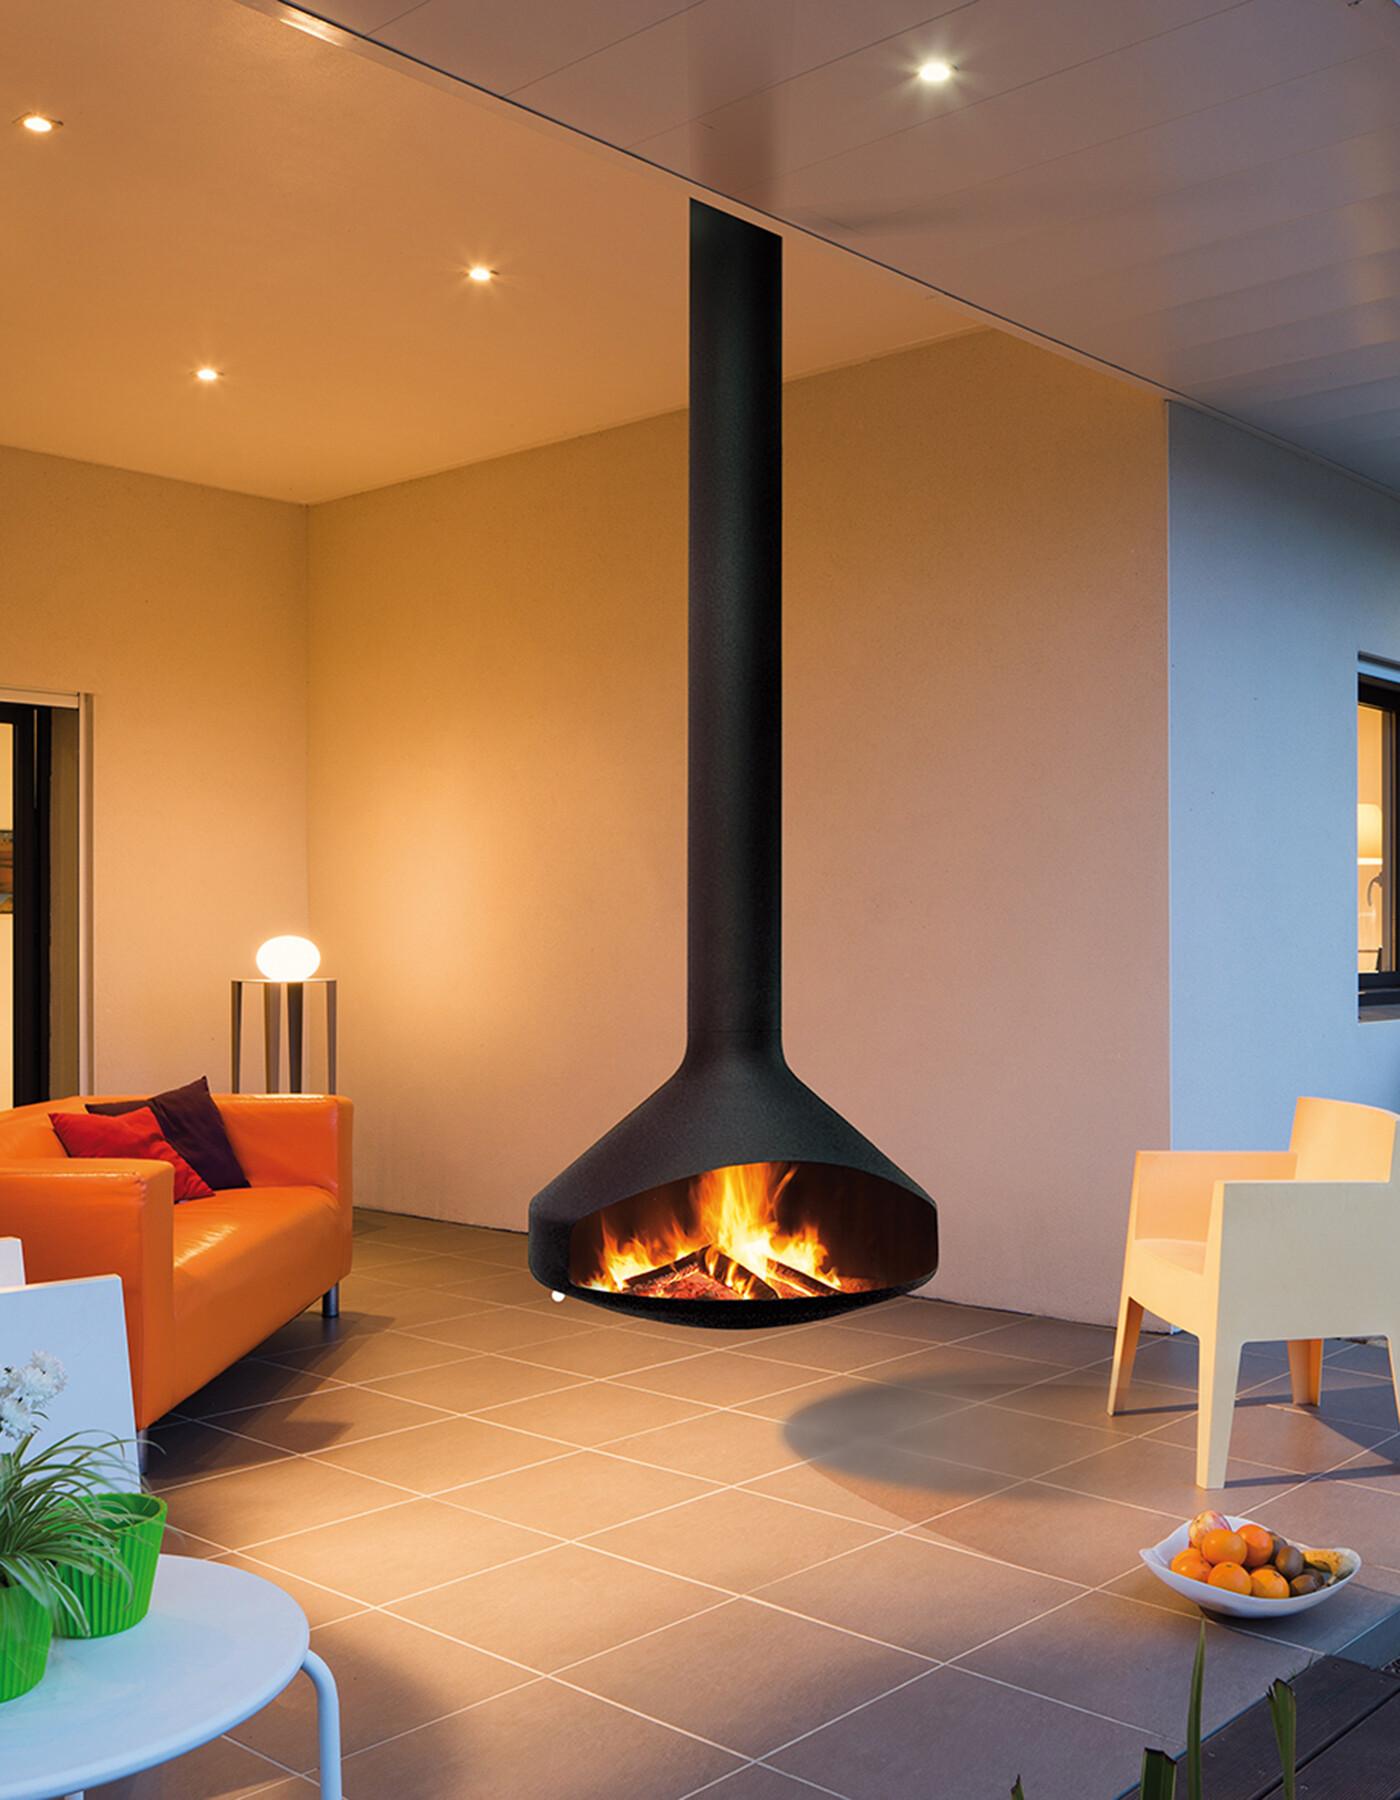 Ergofocus Outdoor Fireplace